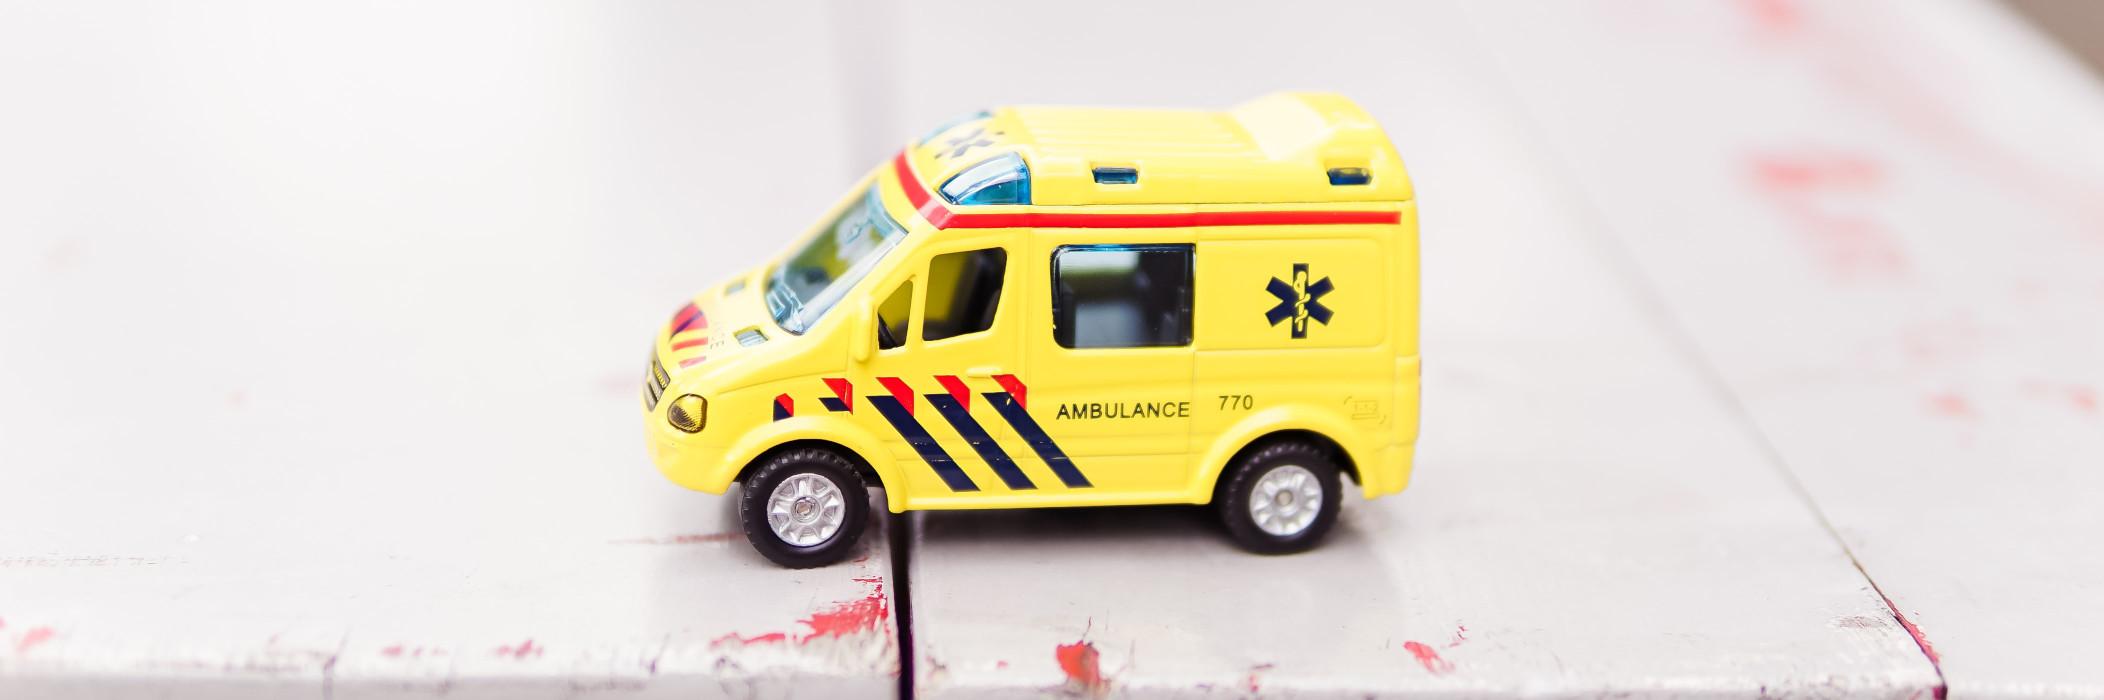 Toy Ambulance Credit Zhen Hu